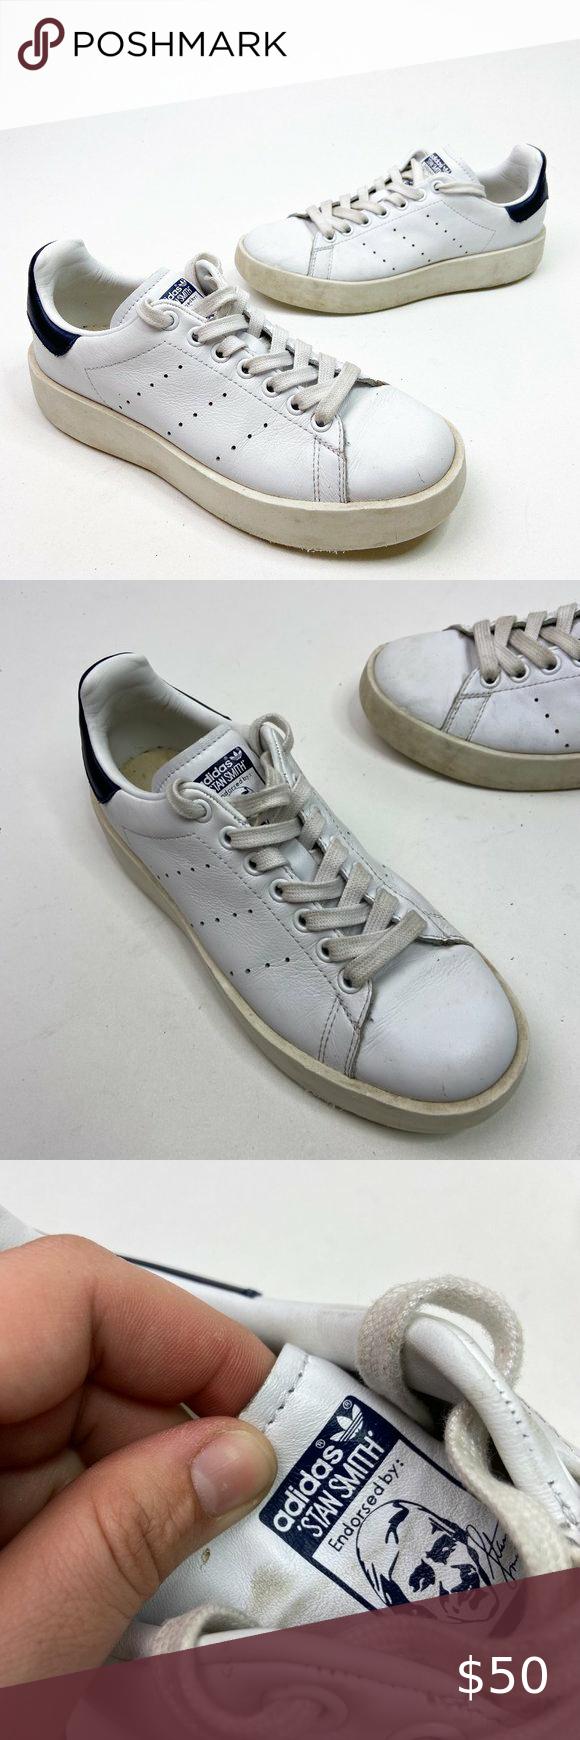 Adidas x Sam Smith BOLD White Sneaker